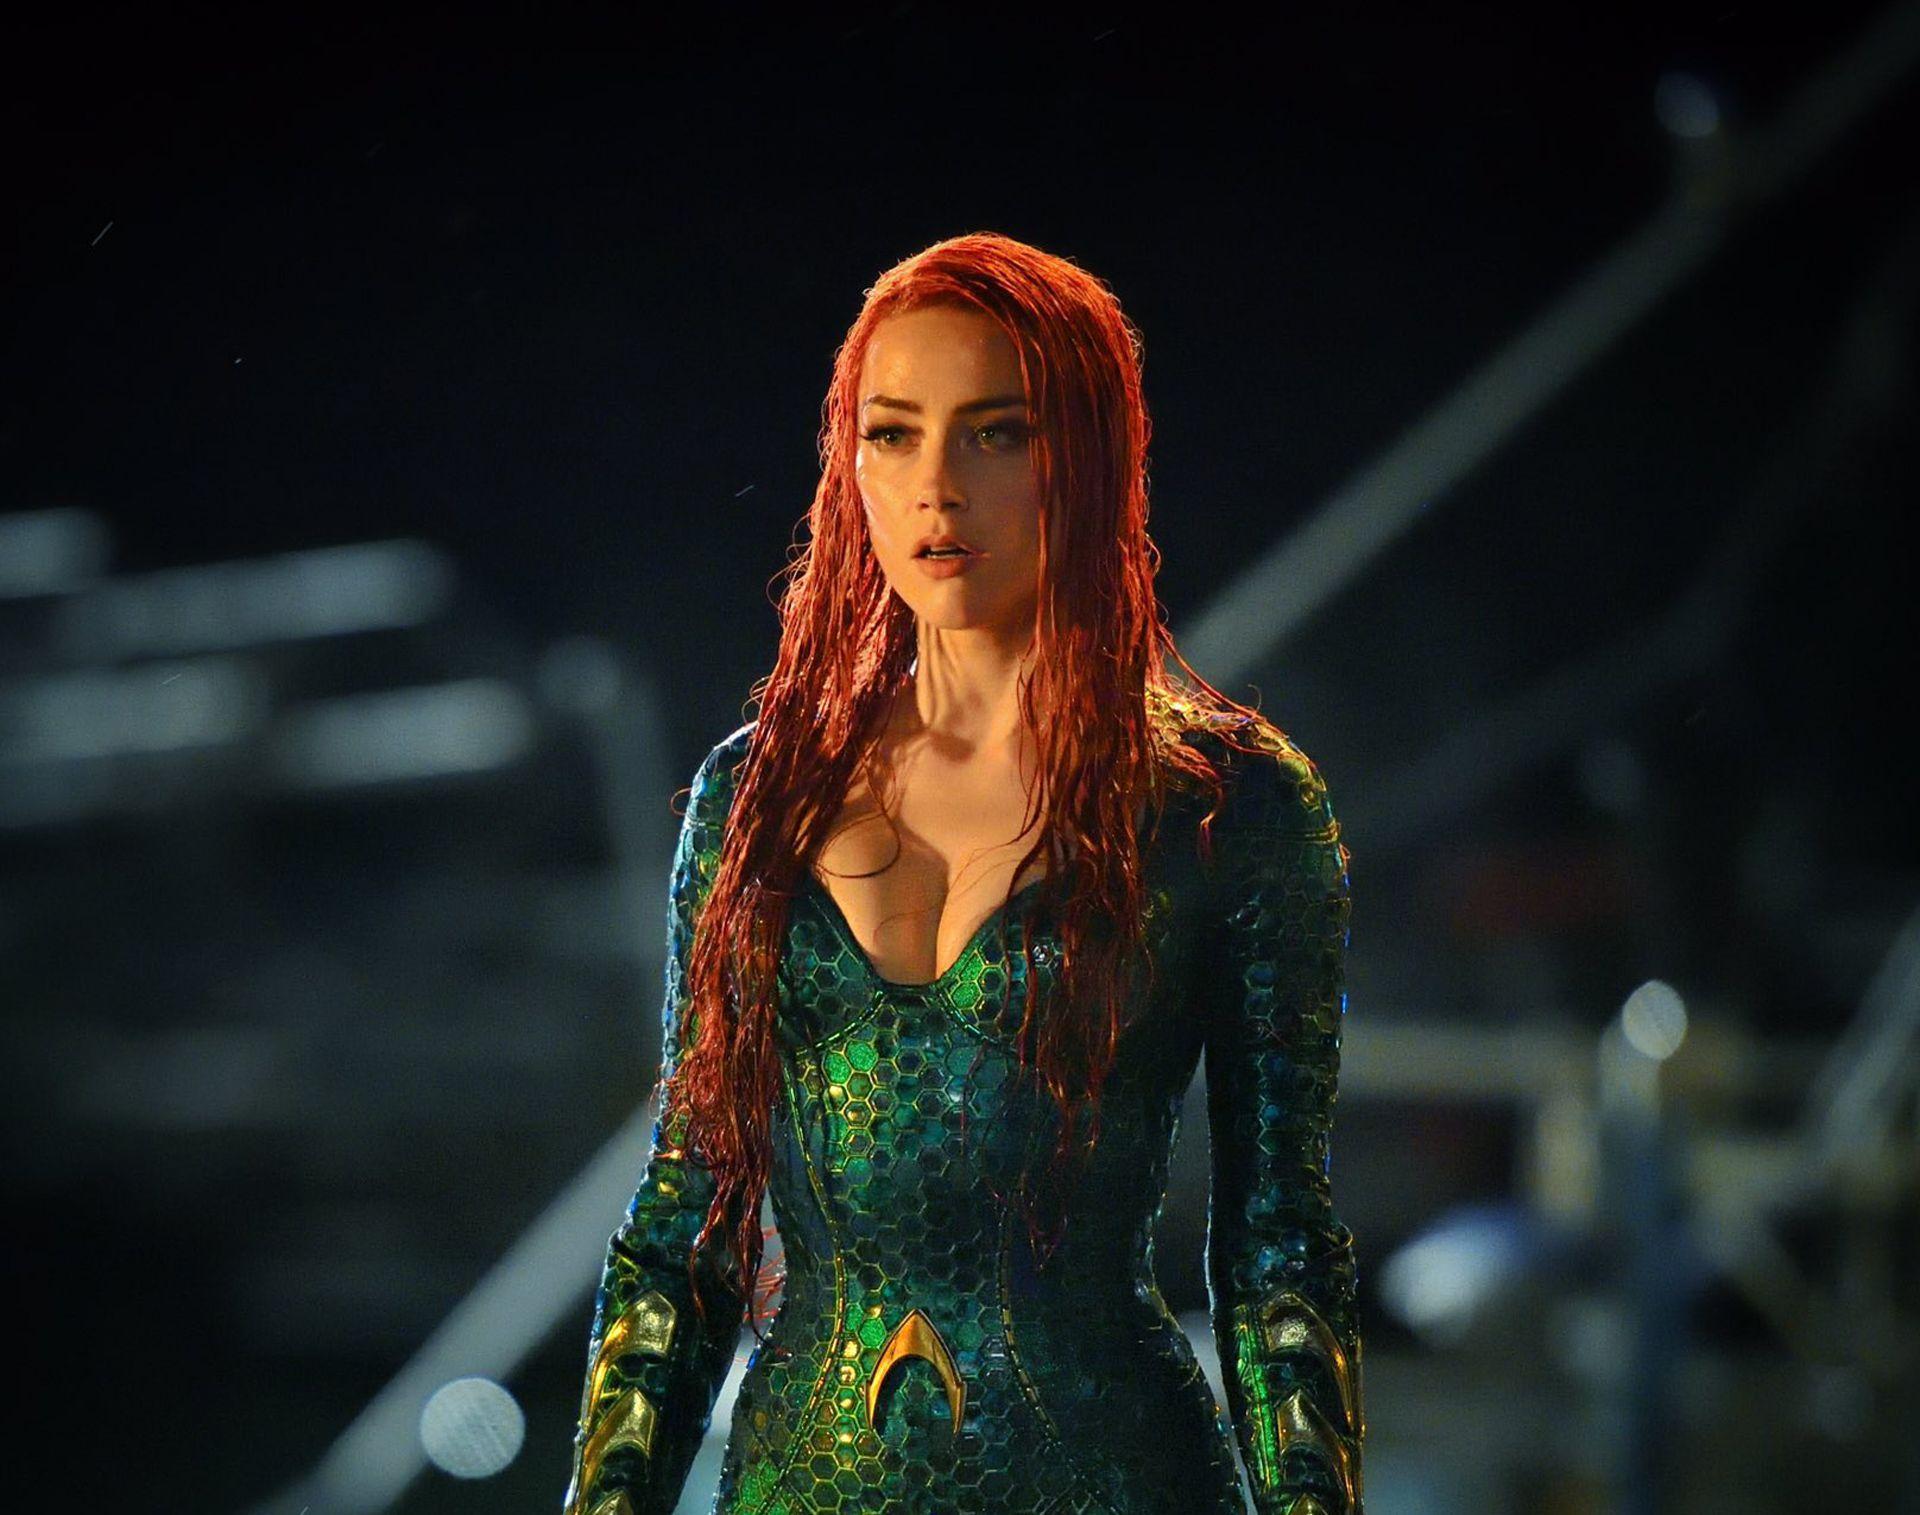 Aquaman Amber Heard Wallpapers Wallpaper Cave